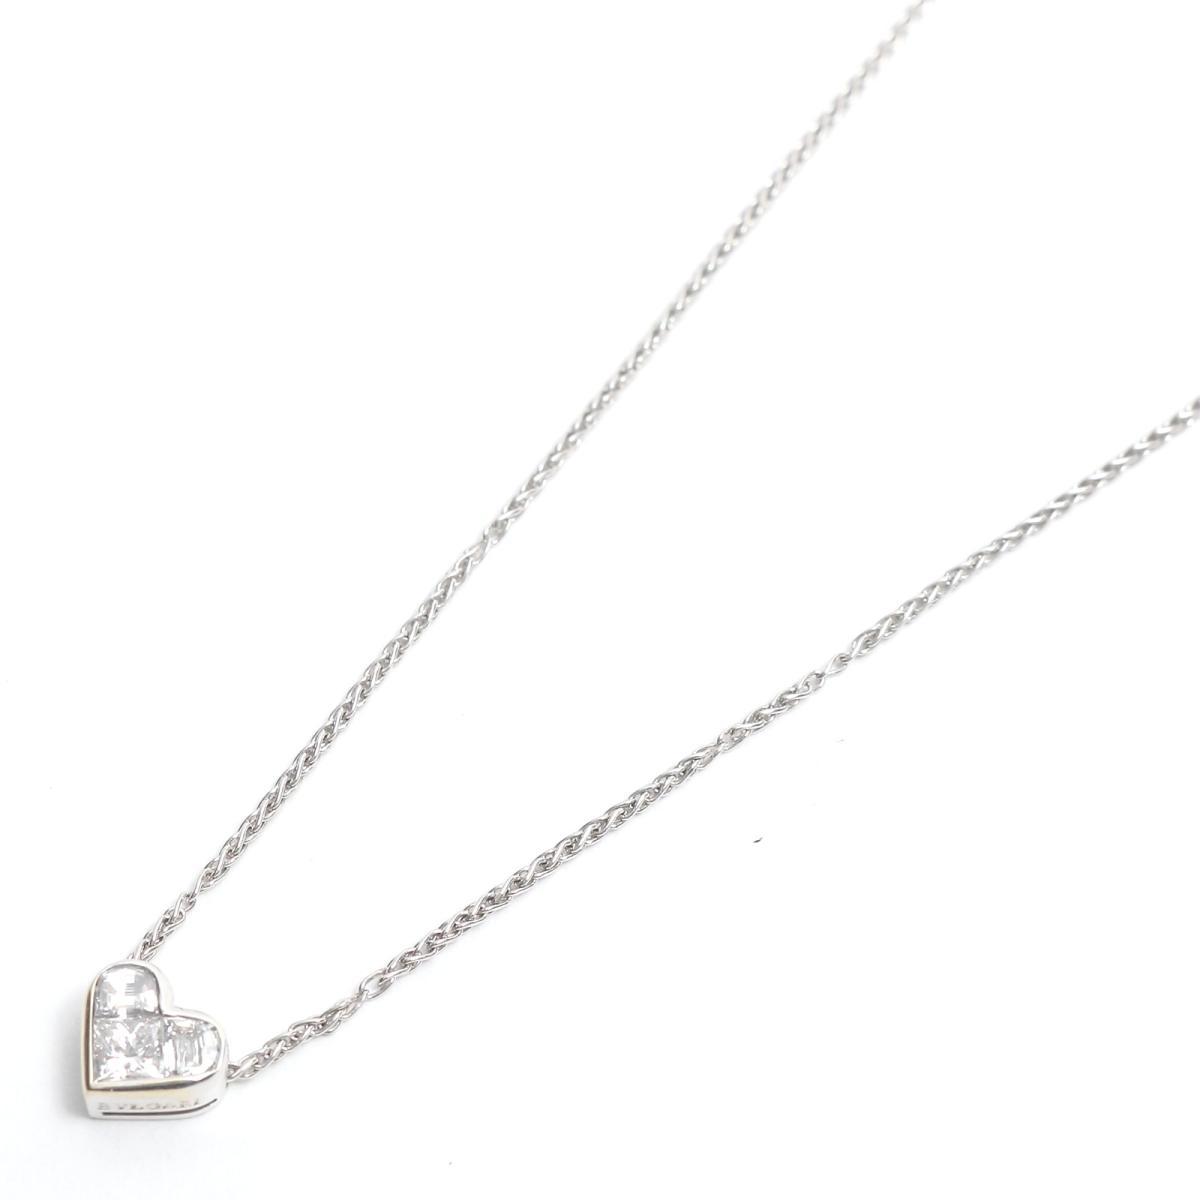 【中古】 ブルガリ クオーレ ダイヤモンド ネックレス レディース K18WG (750) ホワイトゴールド x | BVLGARI BRANDOFF ブランドオフ ブランド アクセサリー ペンダント